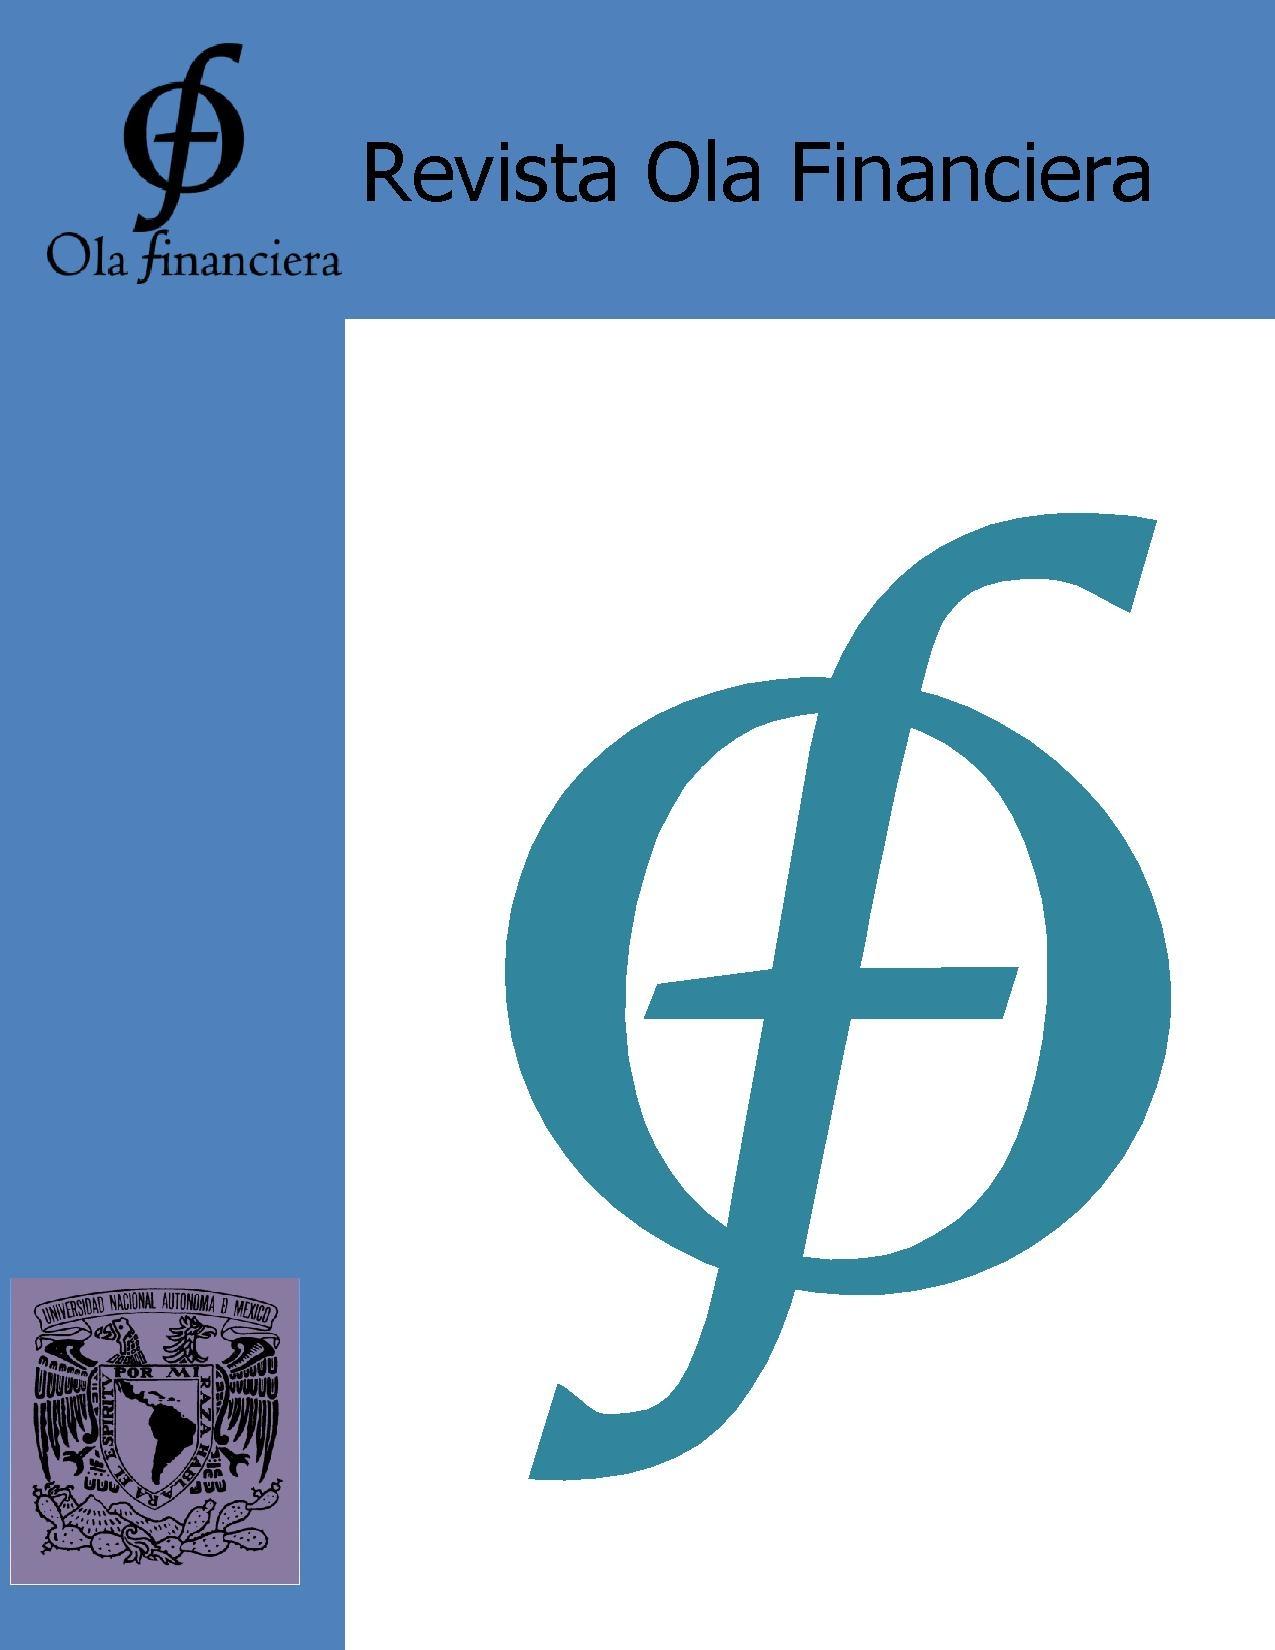 archivo pages a pdf online